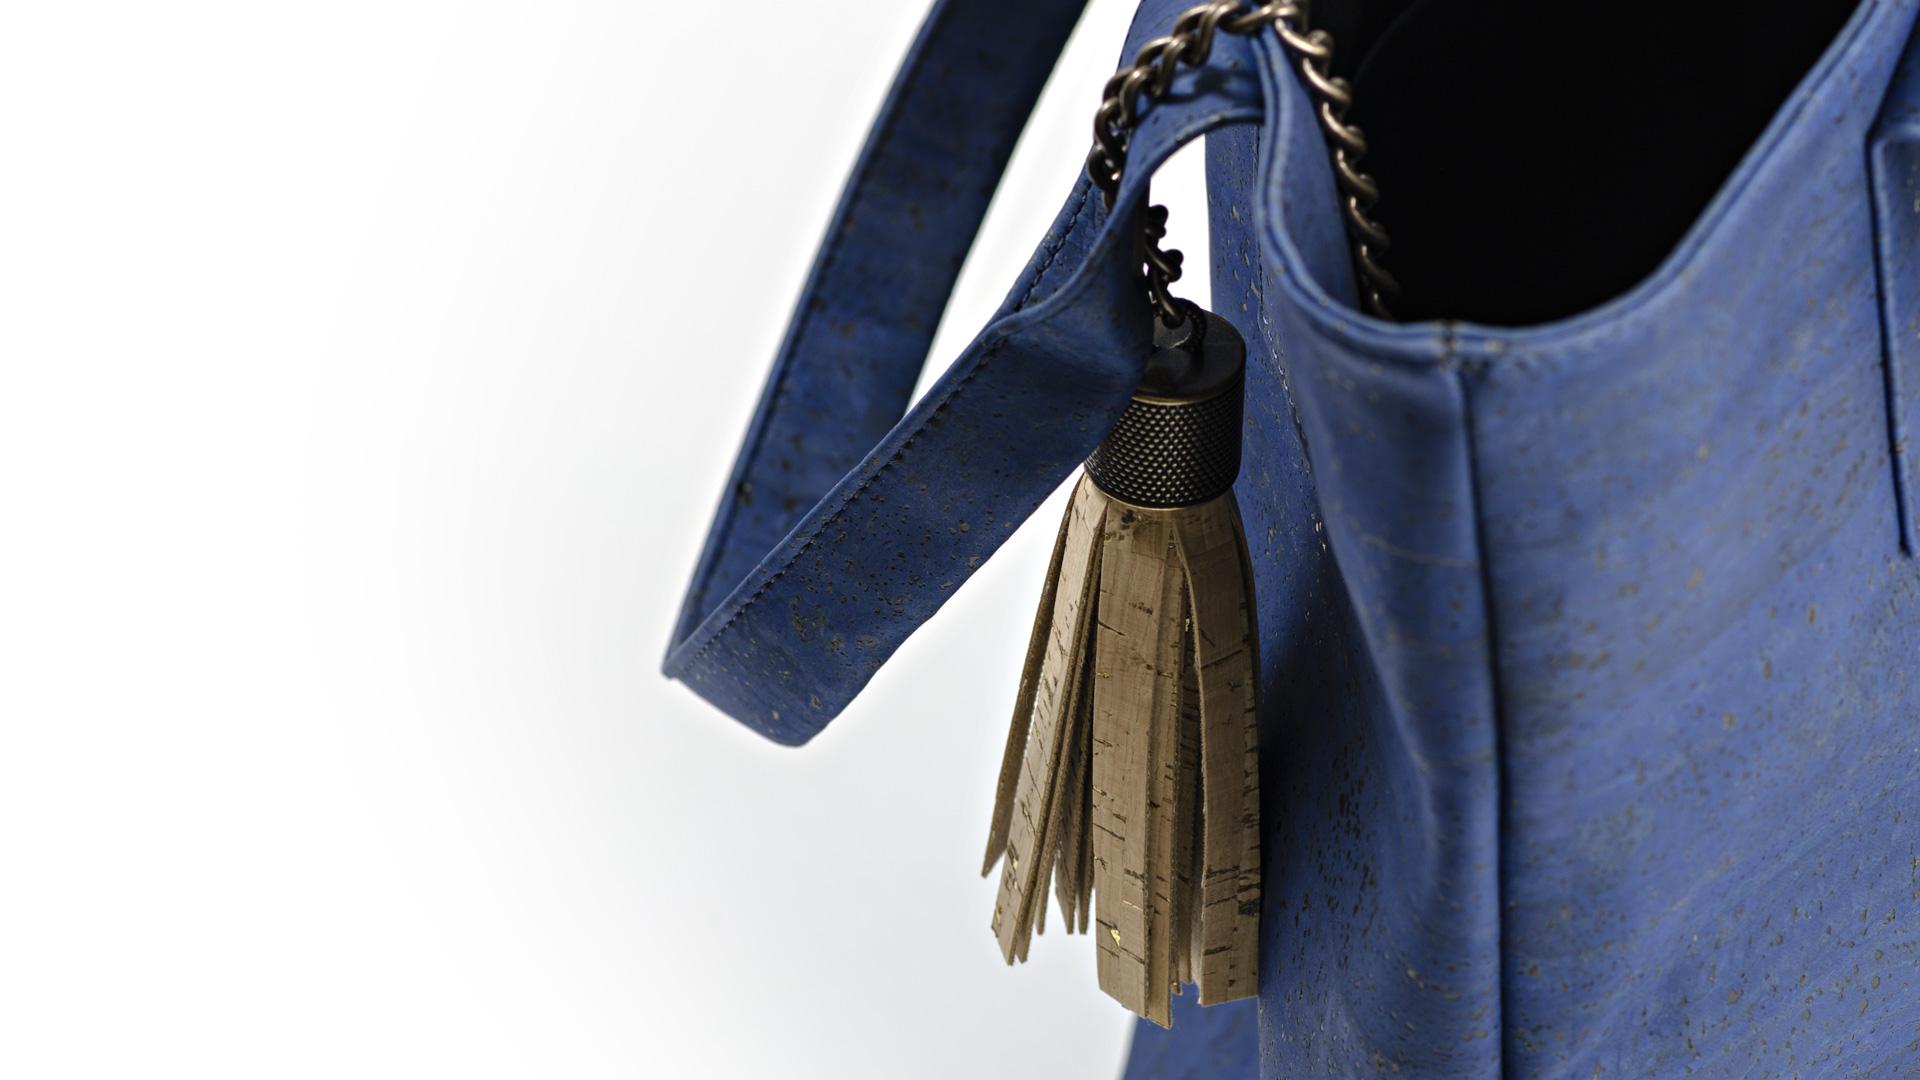 Korktasche, Kork Tasche Tassel, Blue Dark \ Nature Cork, editorial